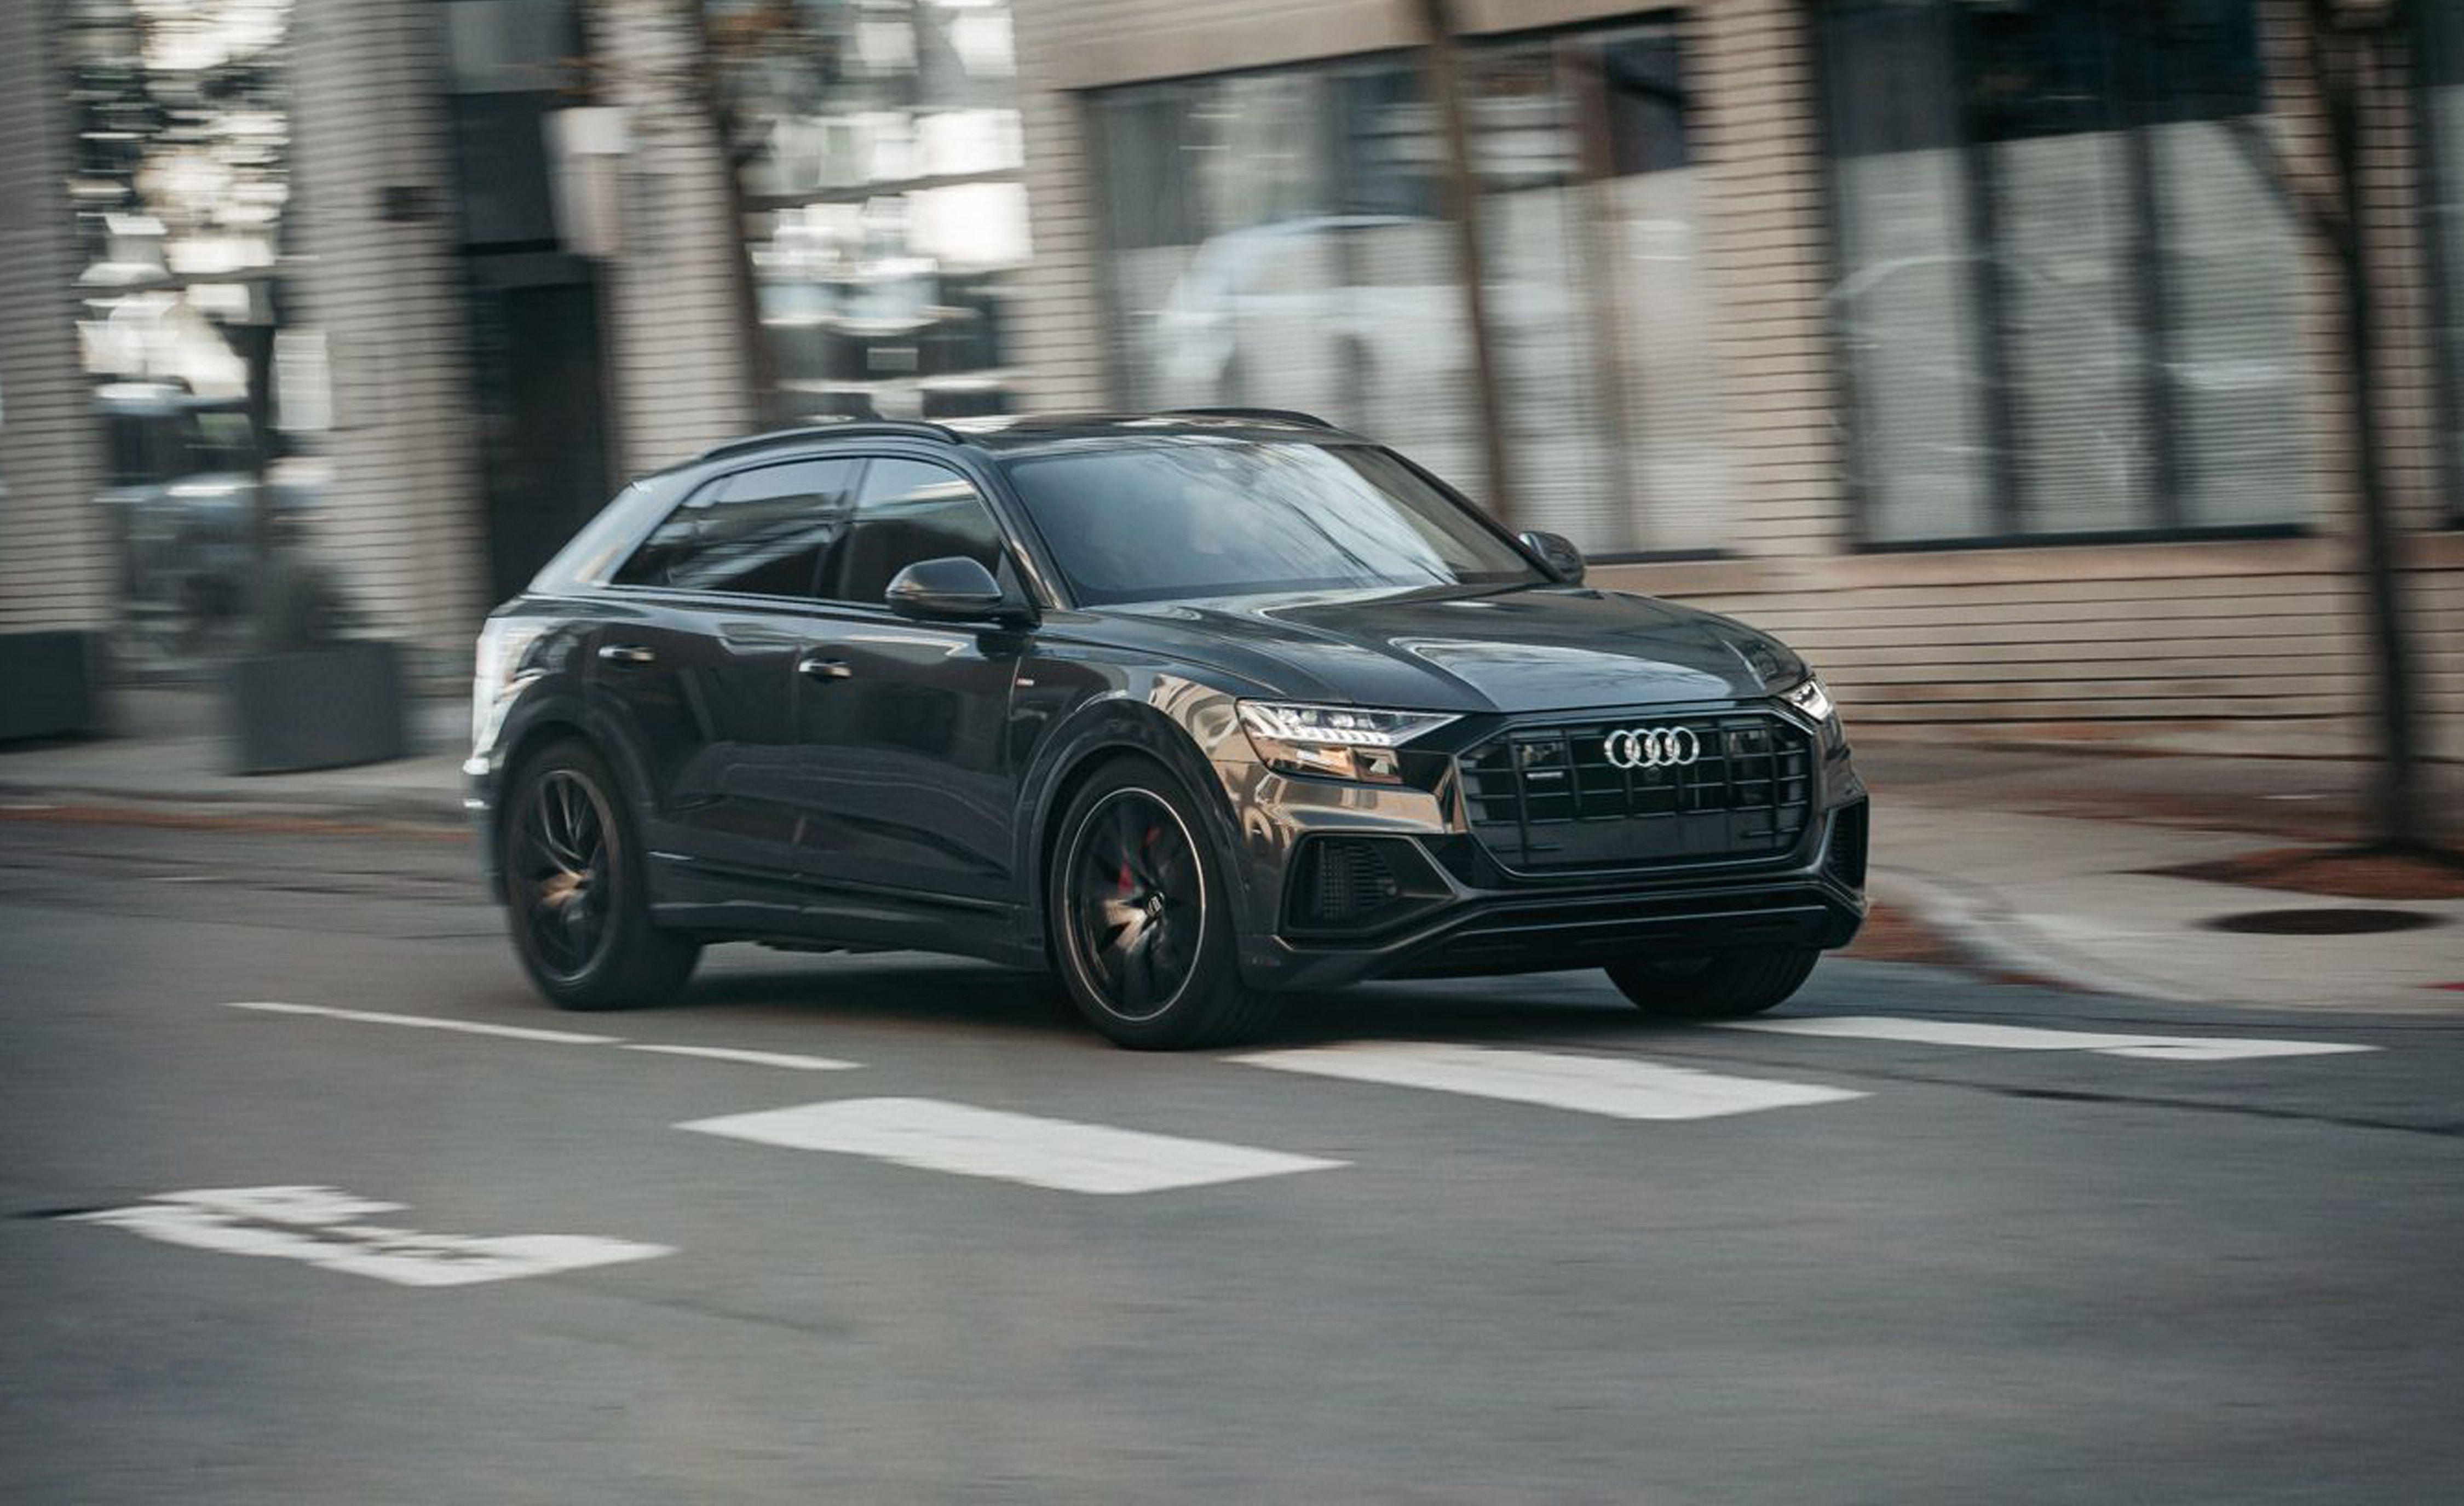 Audi Q8 Size Vs Q7 Best Photos And Description Imagedumporg